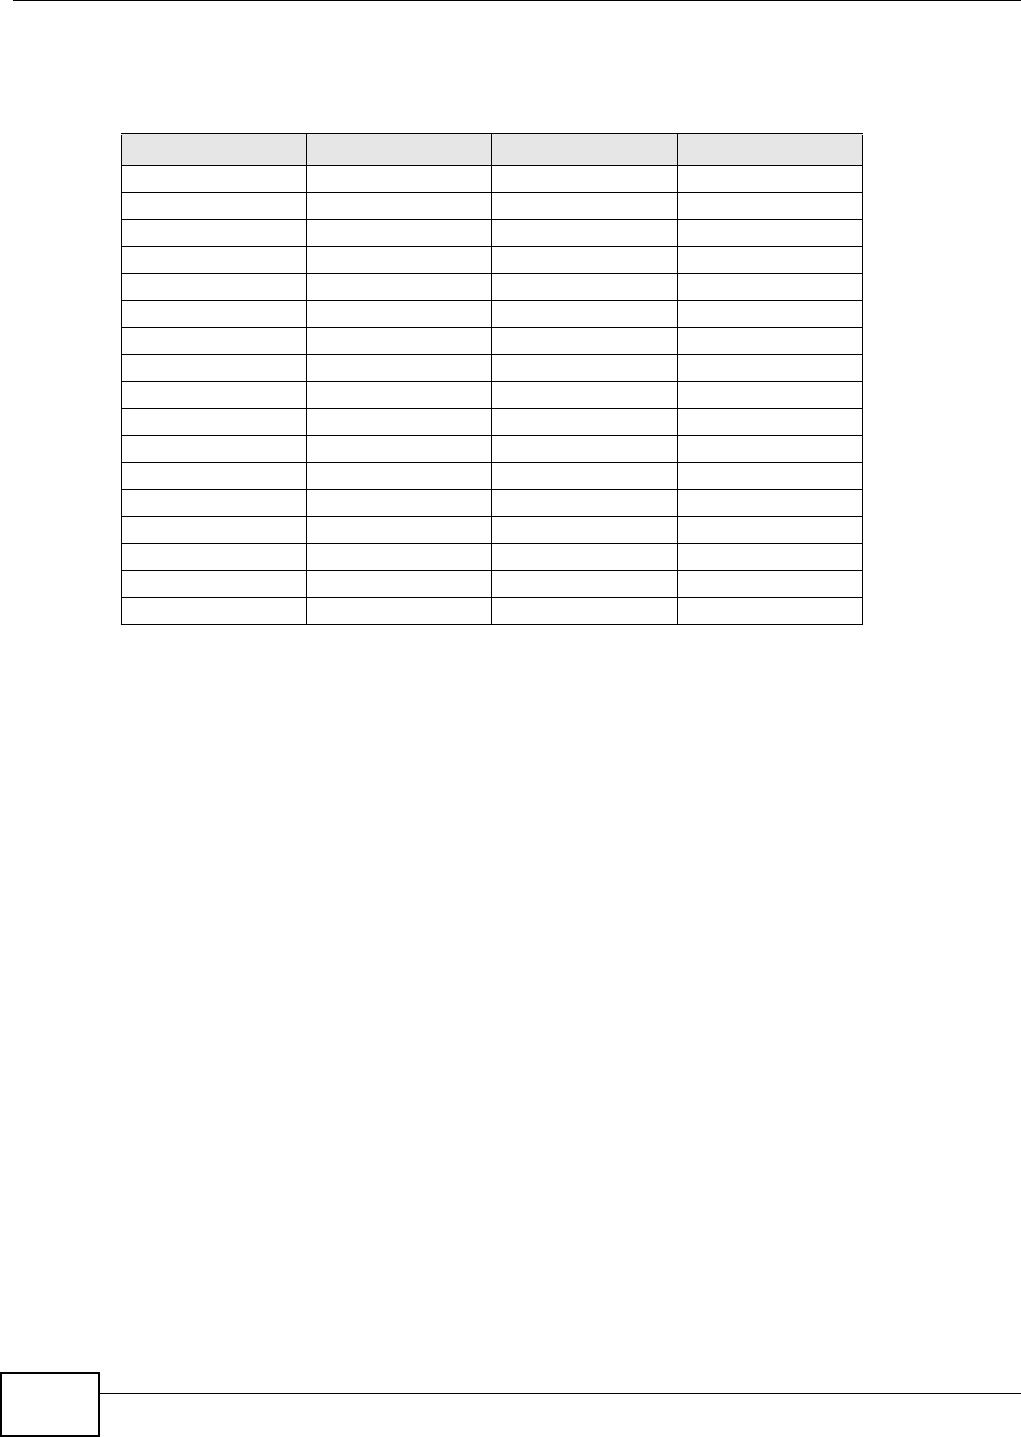 Handleiding ZyXEL WRE2206 (pagina 66 van 70) (English)